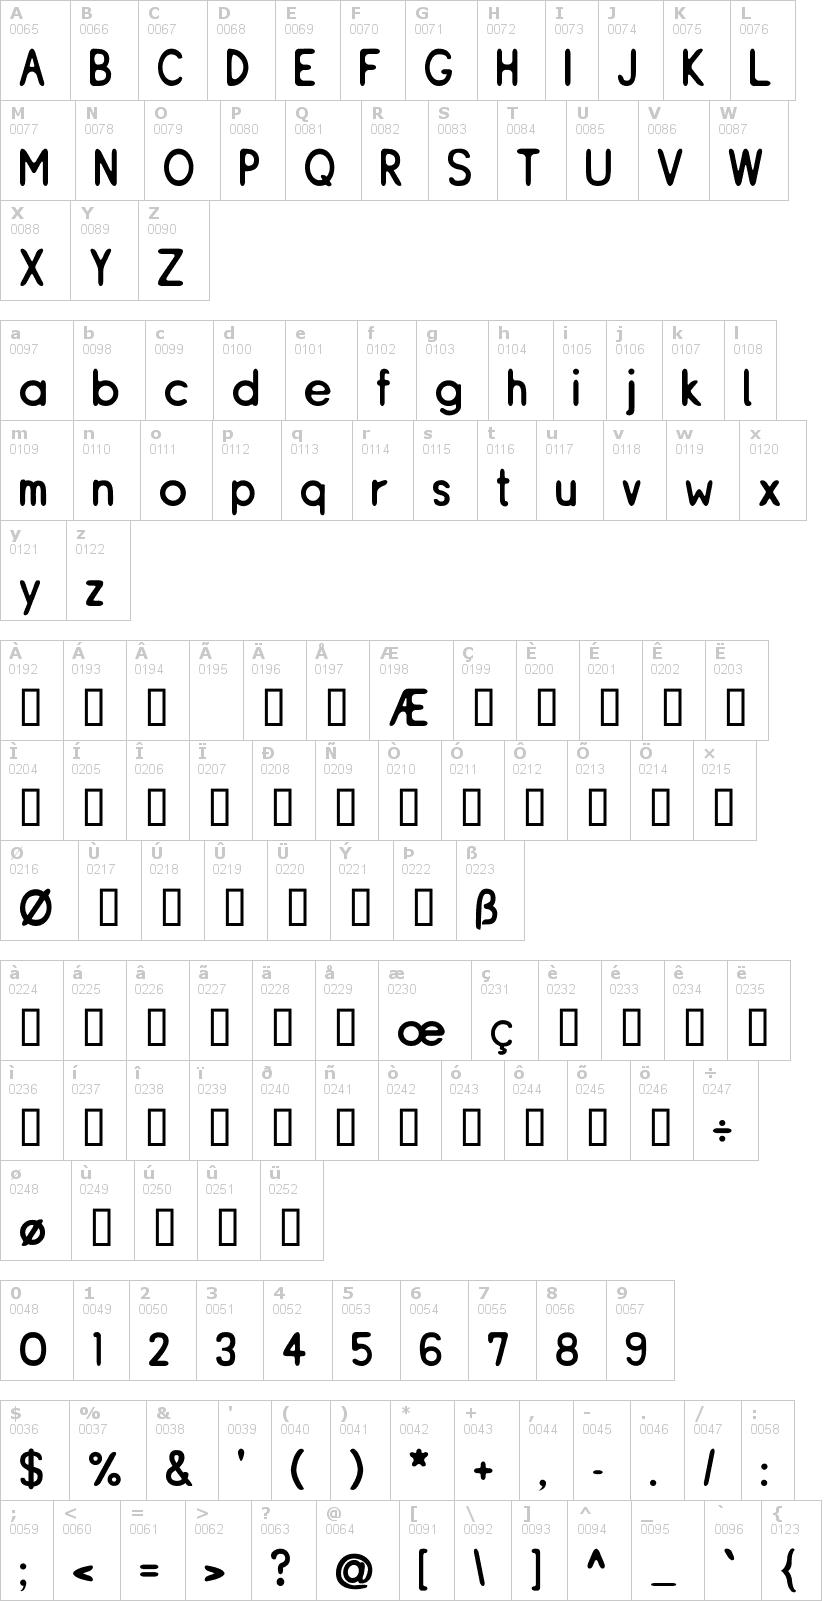 Lettere dell'alfabeto del font resiple con le quali è possibile realizzare adesivi prespaziati